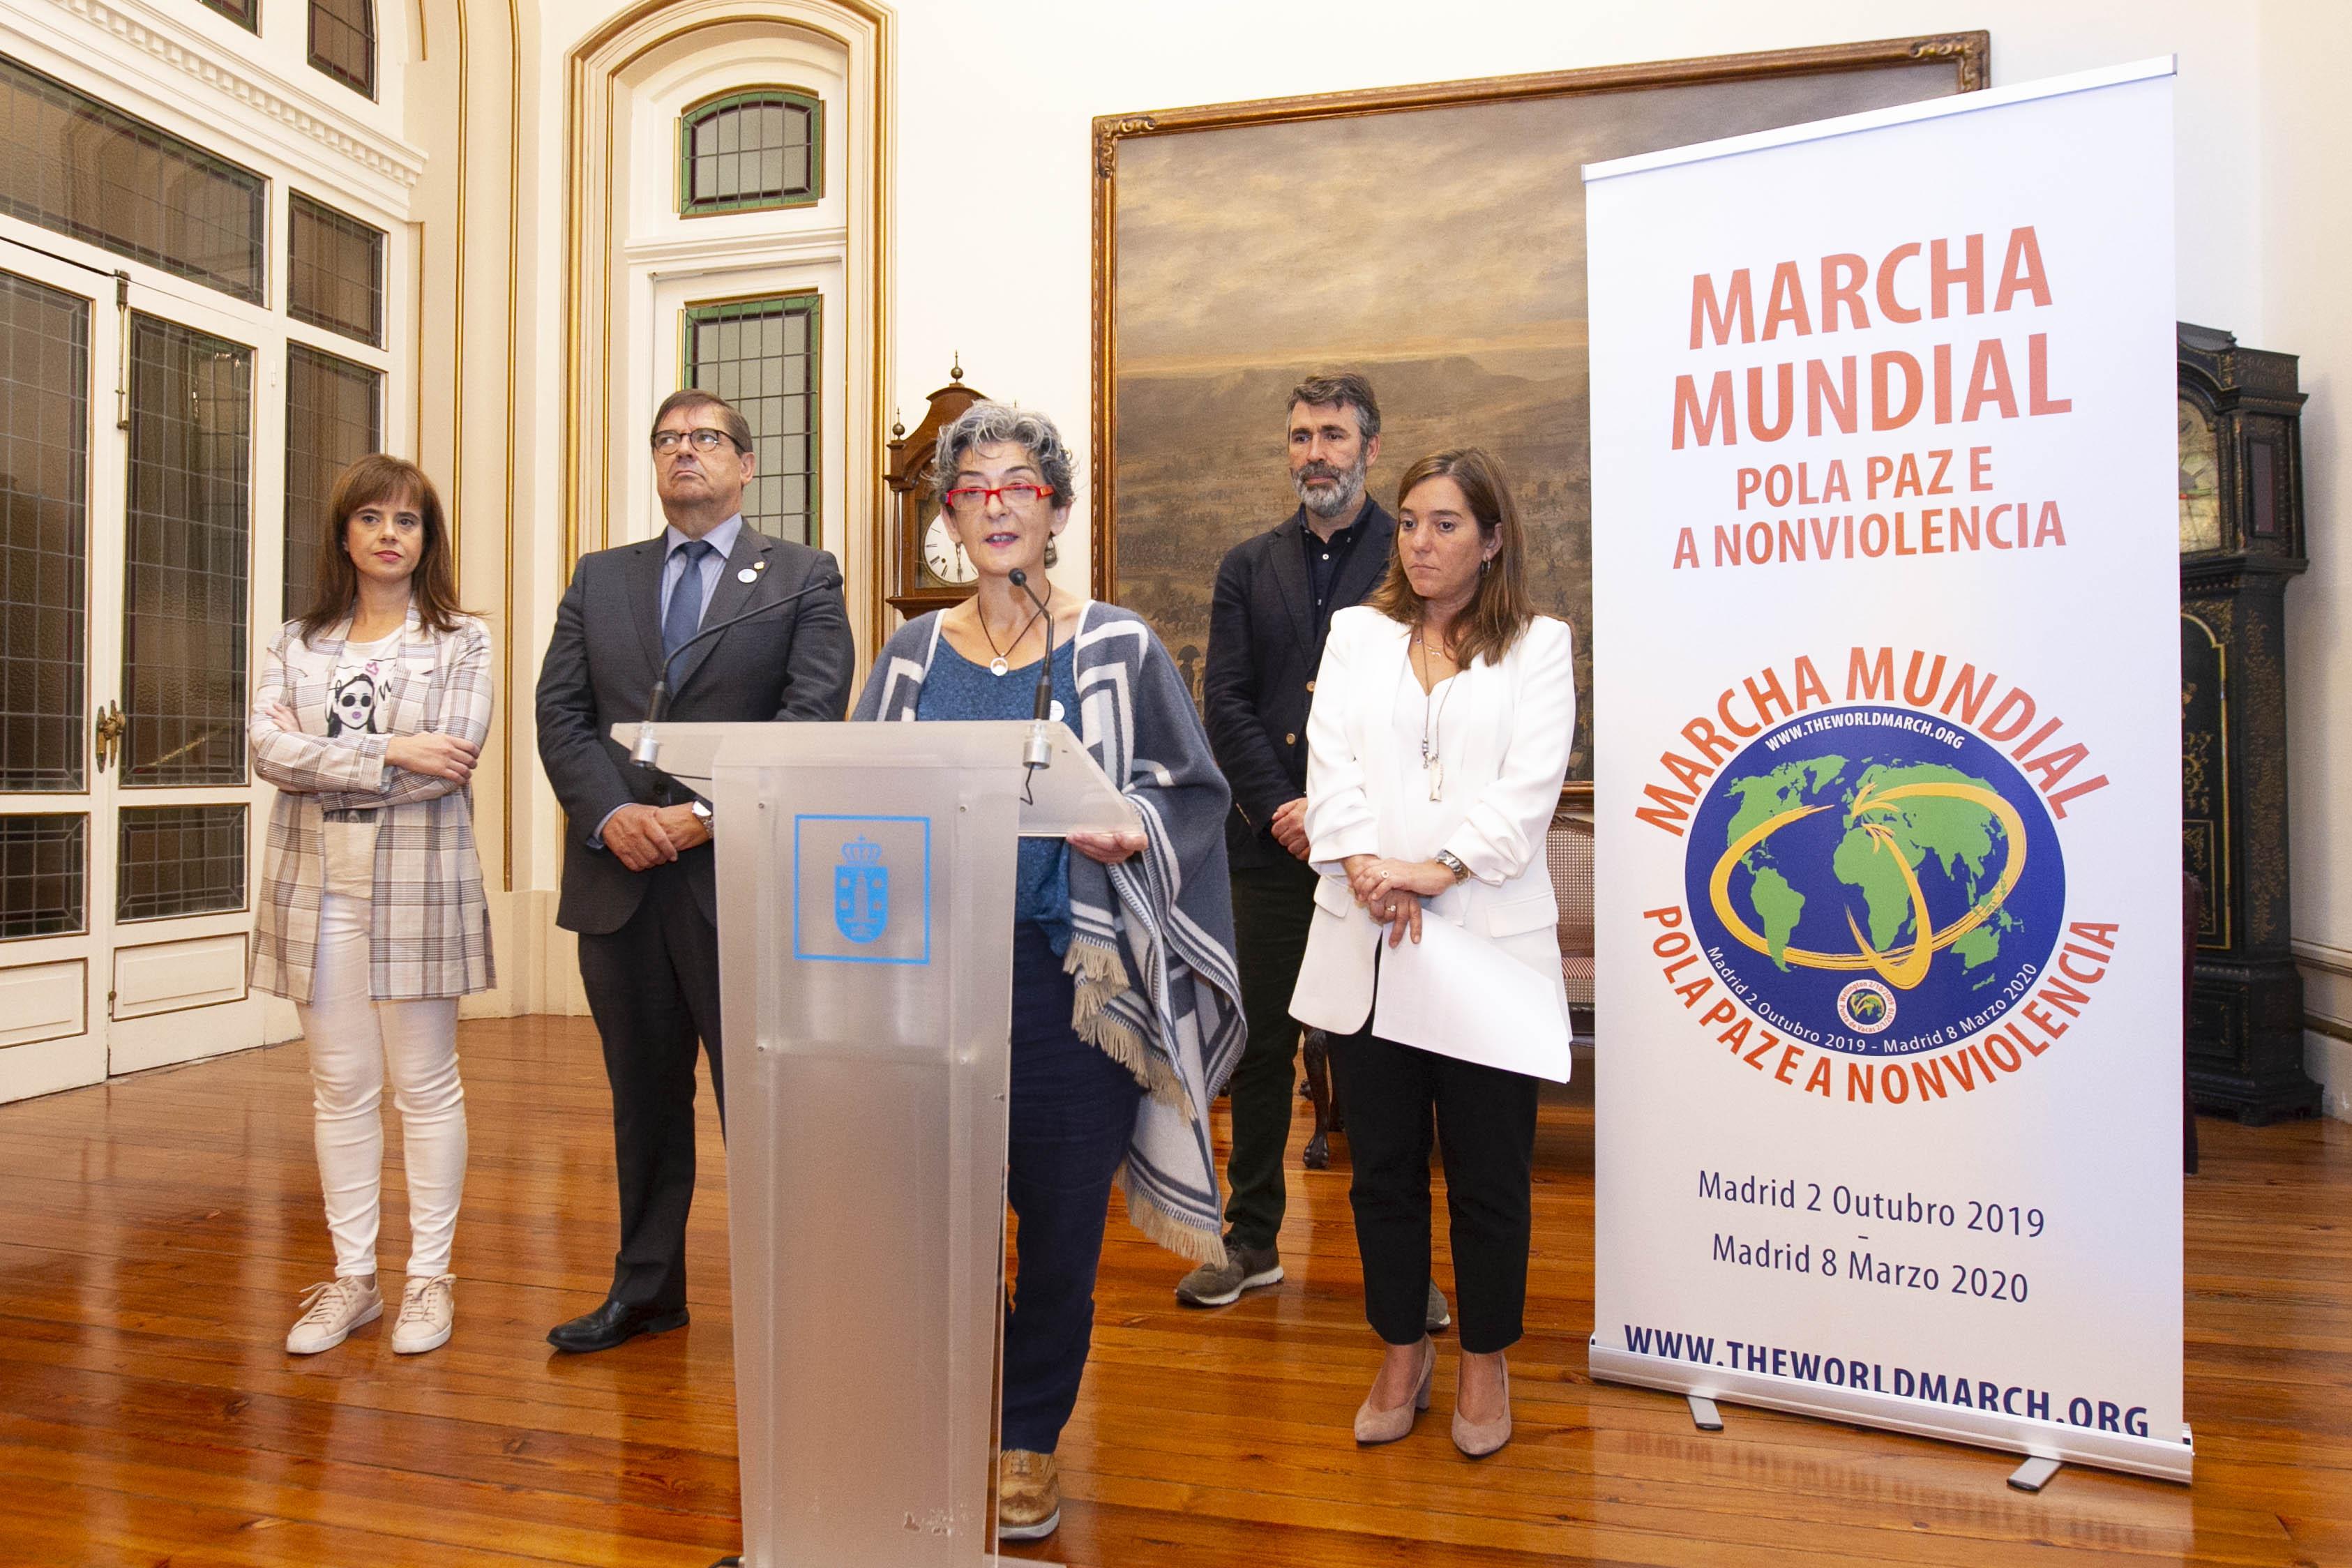 Een officiële lancering van Coruña in maart